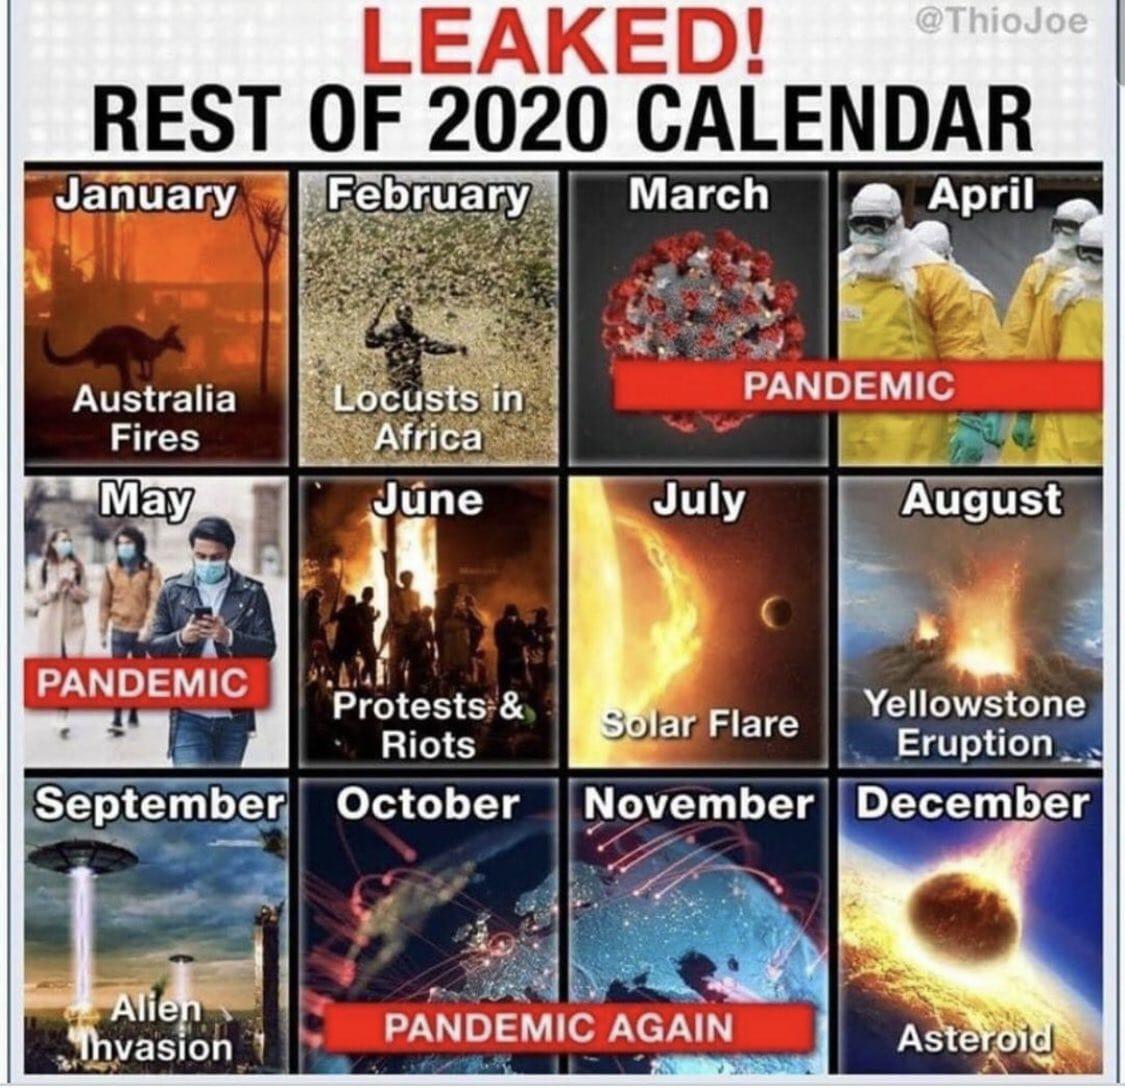 Ya se ha filtrado el calendario completo de desastres de 2020